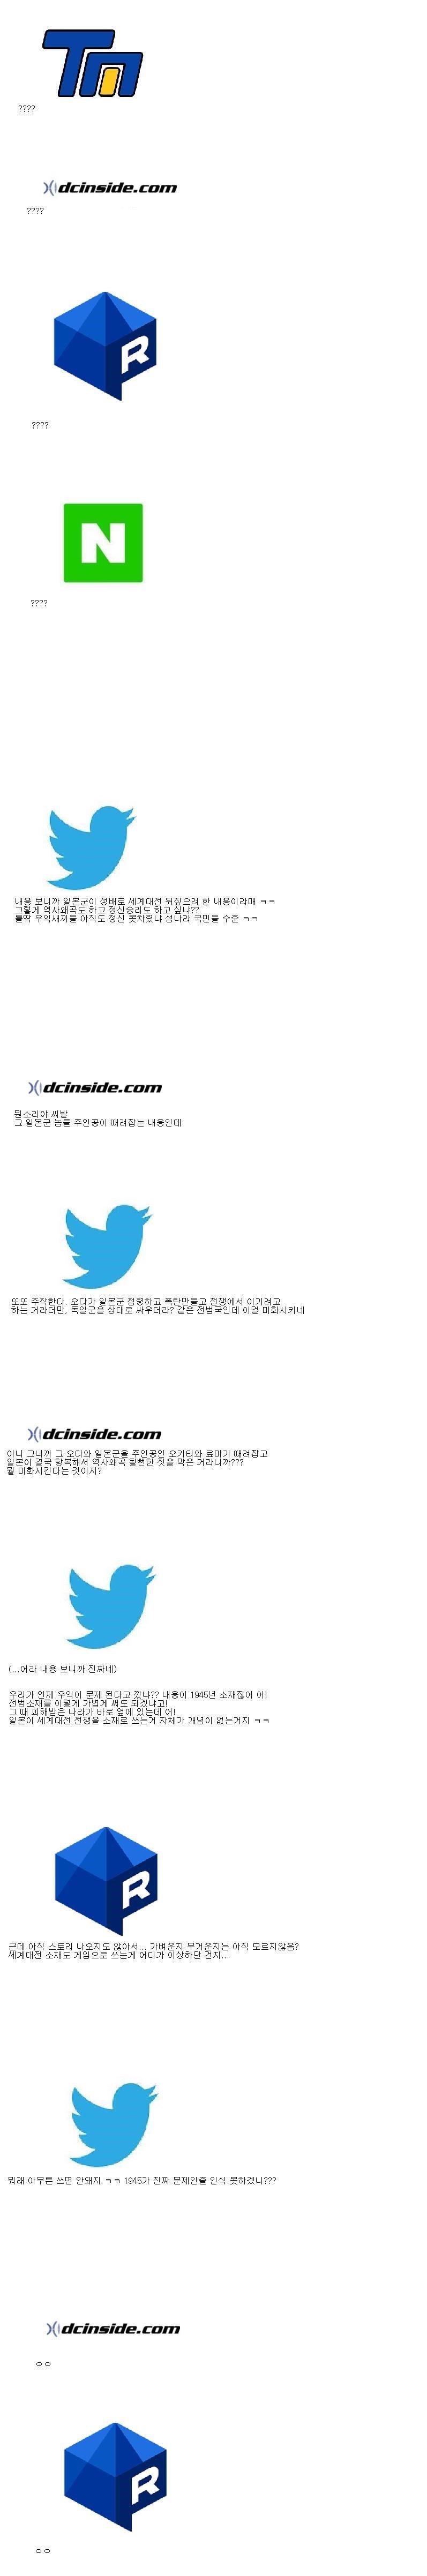 viewimage.php?id=20bbd729&no=24b0d769e1d32ca73dec81fa11d028314d3faebecfec25ed6aa779bc795ef317165f9d7a6fc6b6a88058057280fe453b7b66d9299353013b300e73c27802966543b15ee804612da0bc0f6285a6220dc93e6301b0c34c9d121d7850